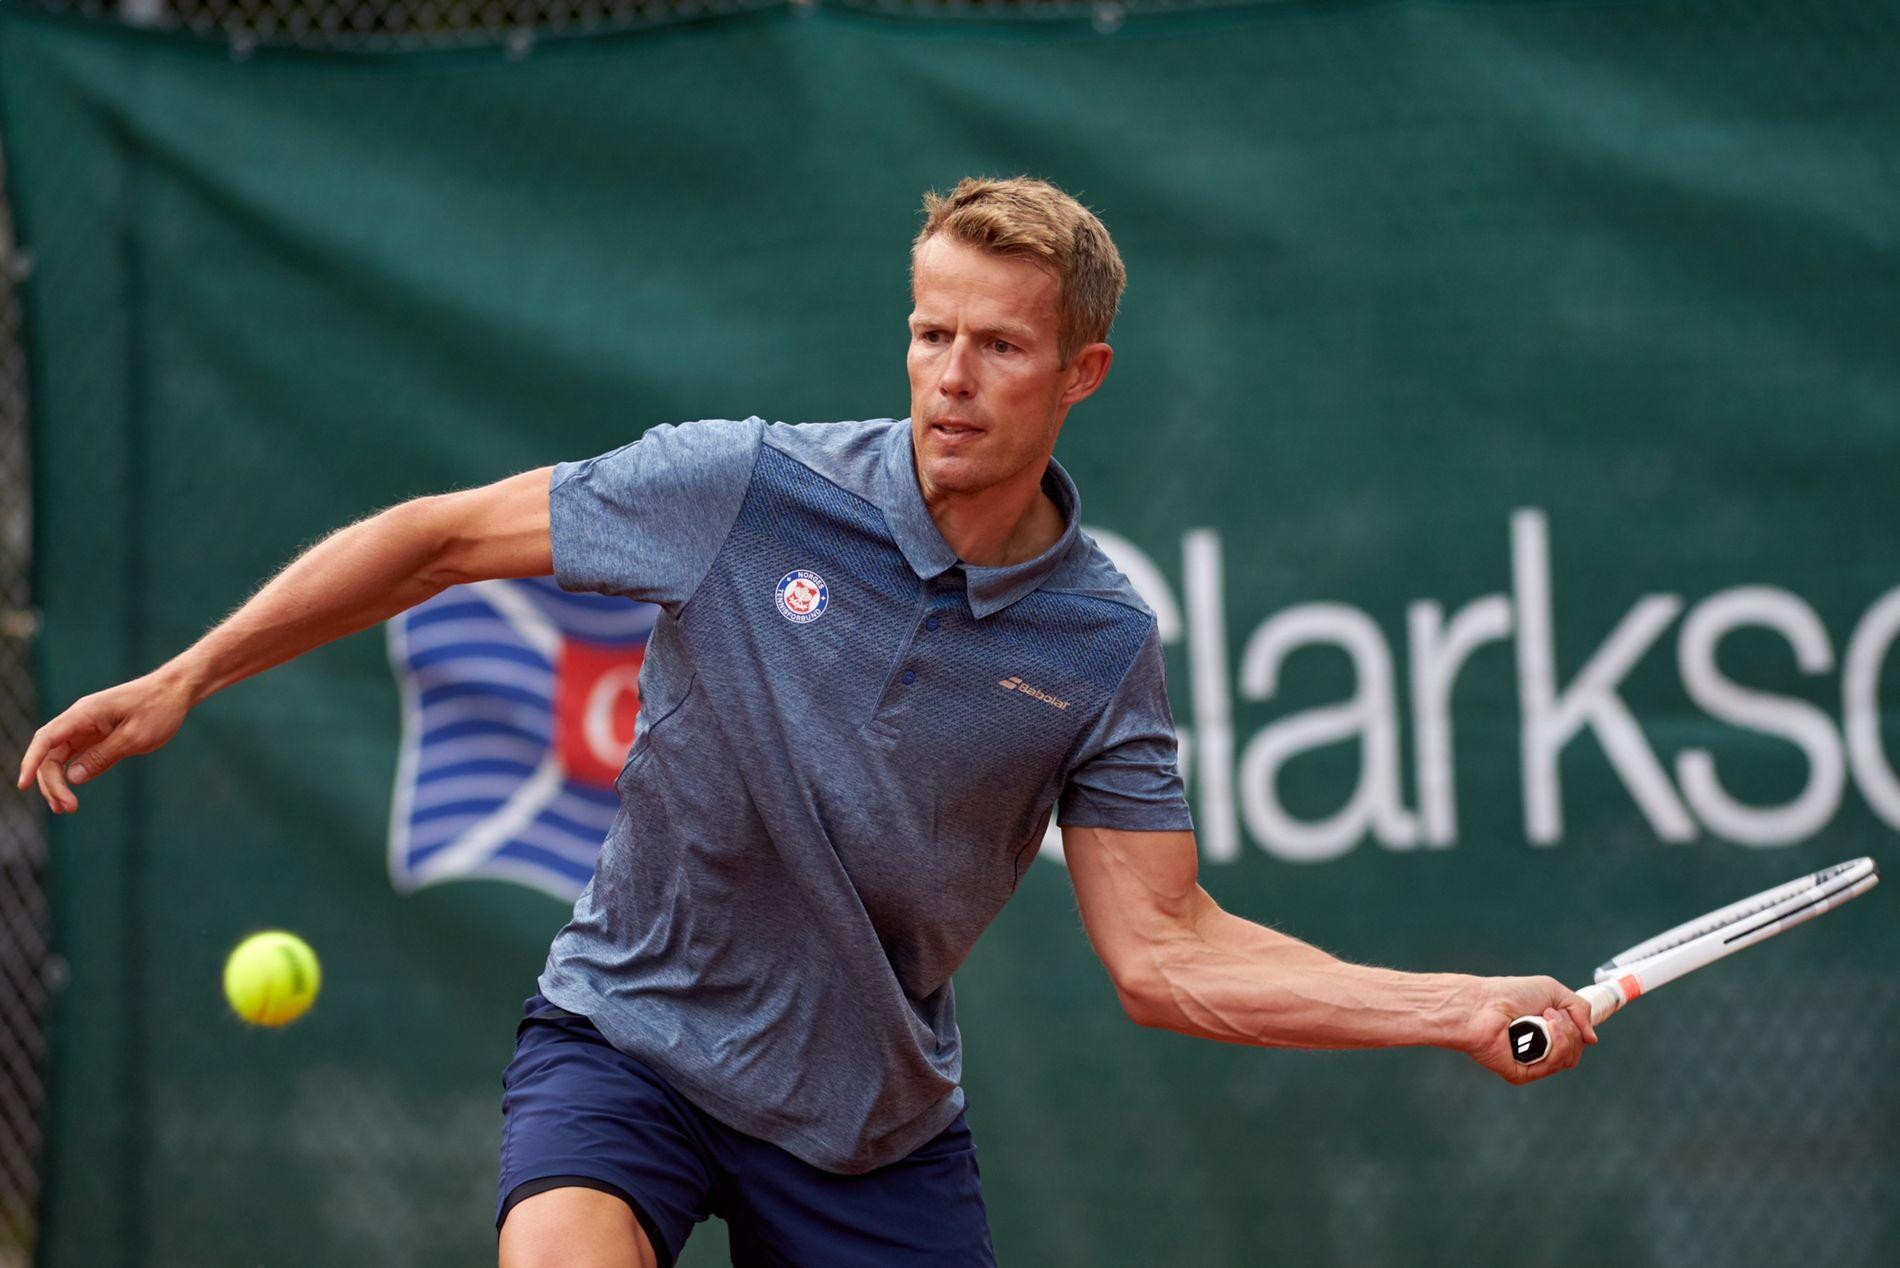 Generalsekretær i Norges Tennisforbund Alexander Kjær foreslår en kamp mot Thale Myhre.